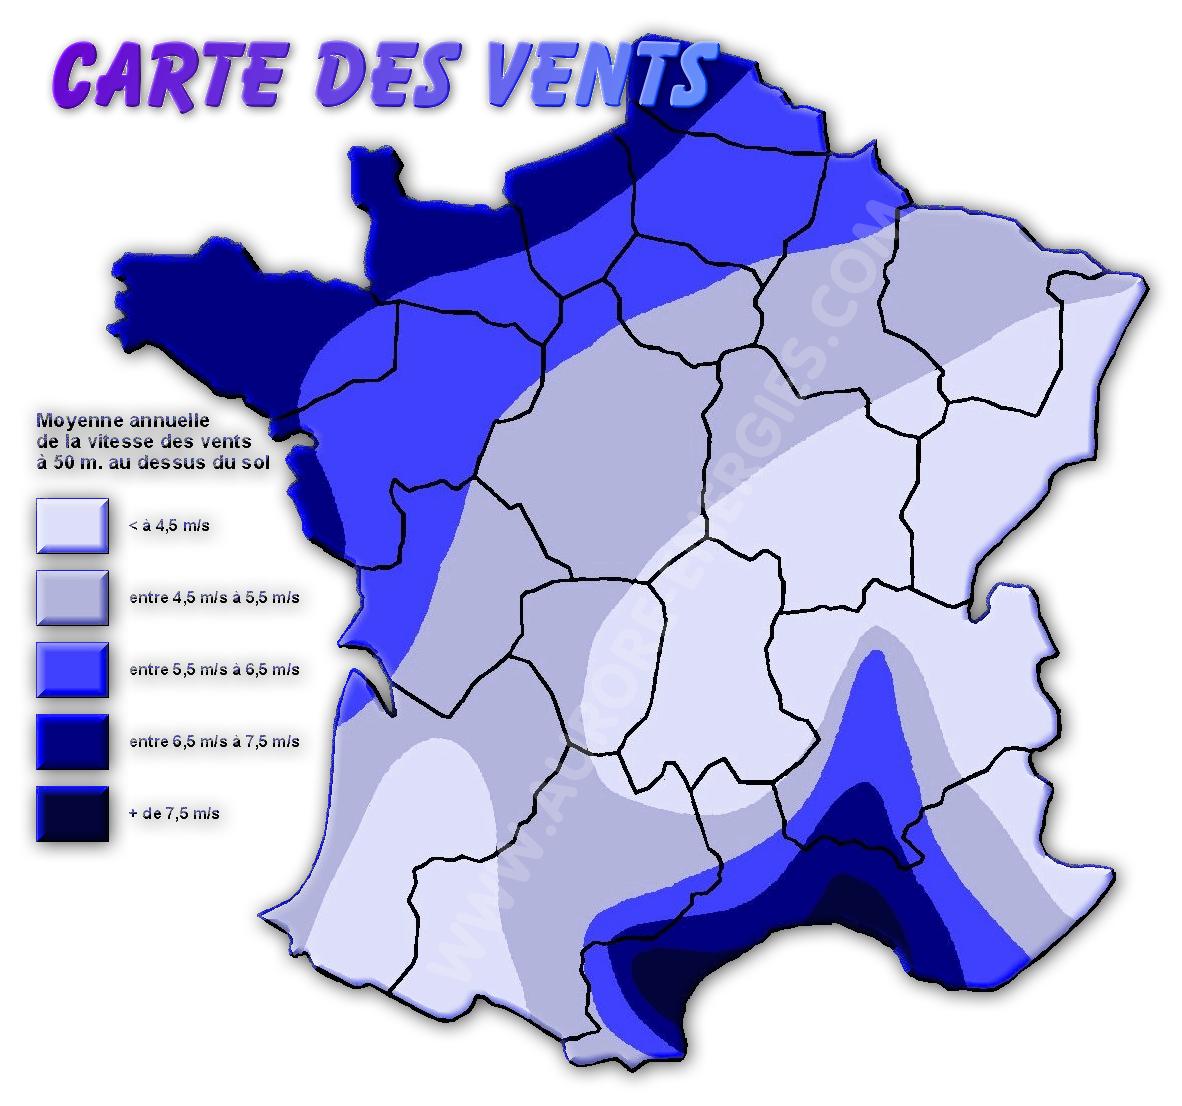 CARTE DES VENTS EN FRANCE ET POTENTIEL ÉOLIEN